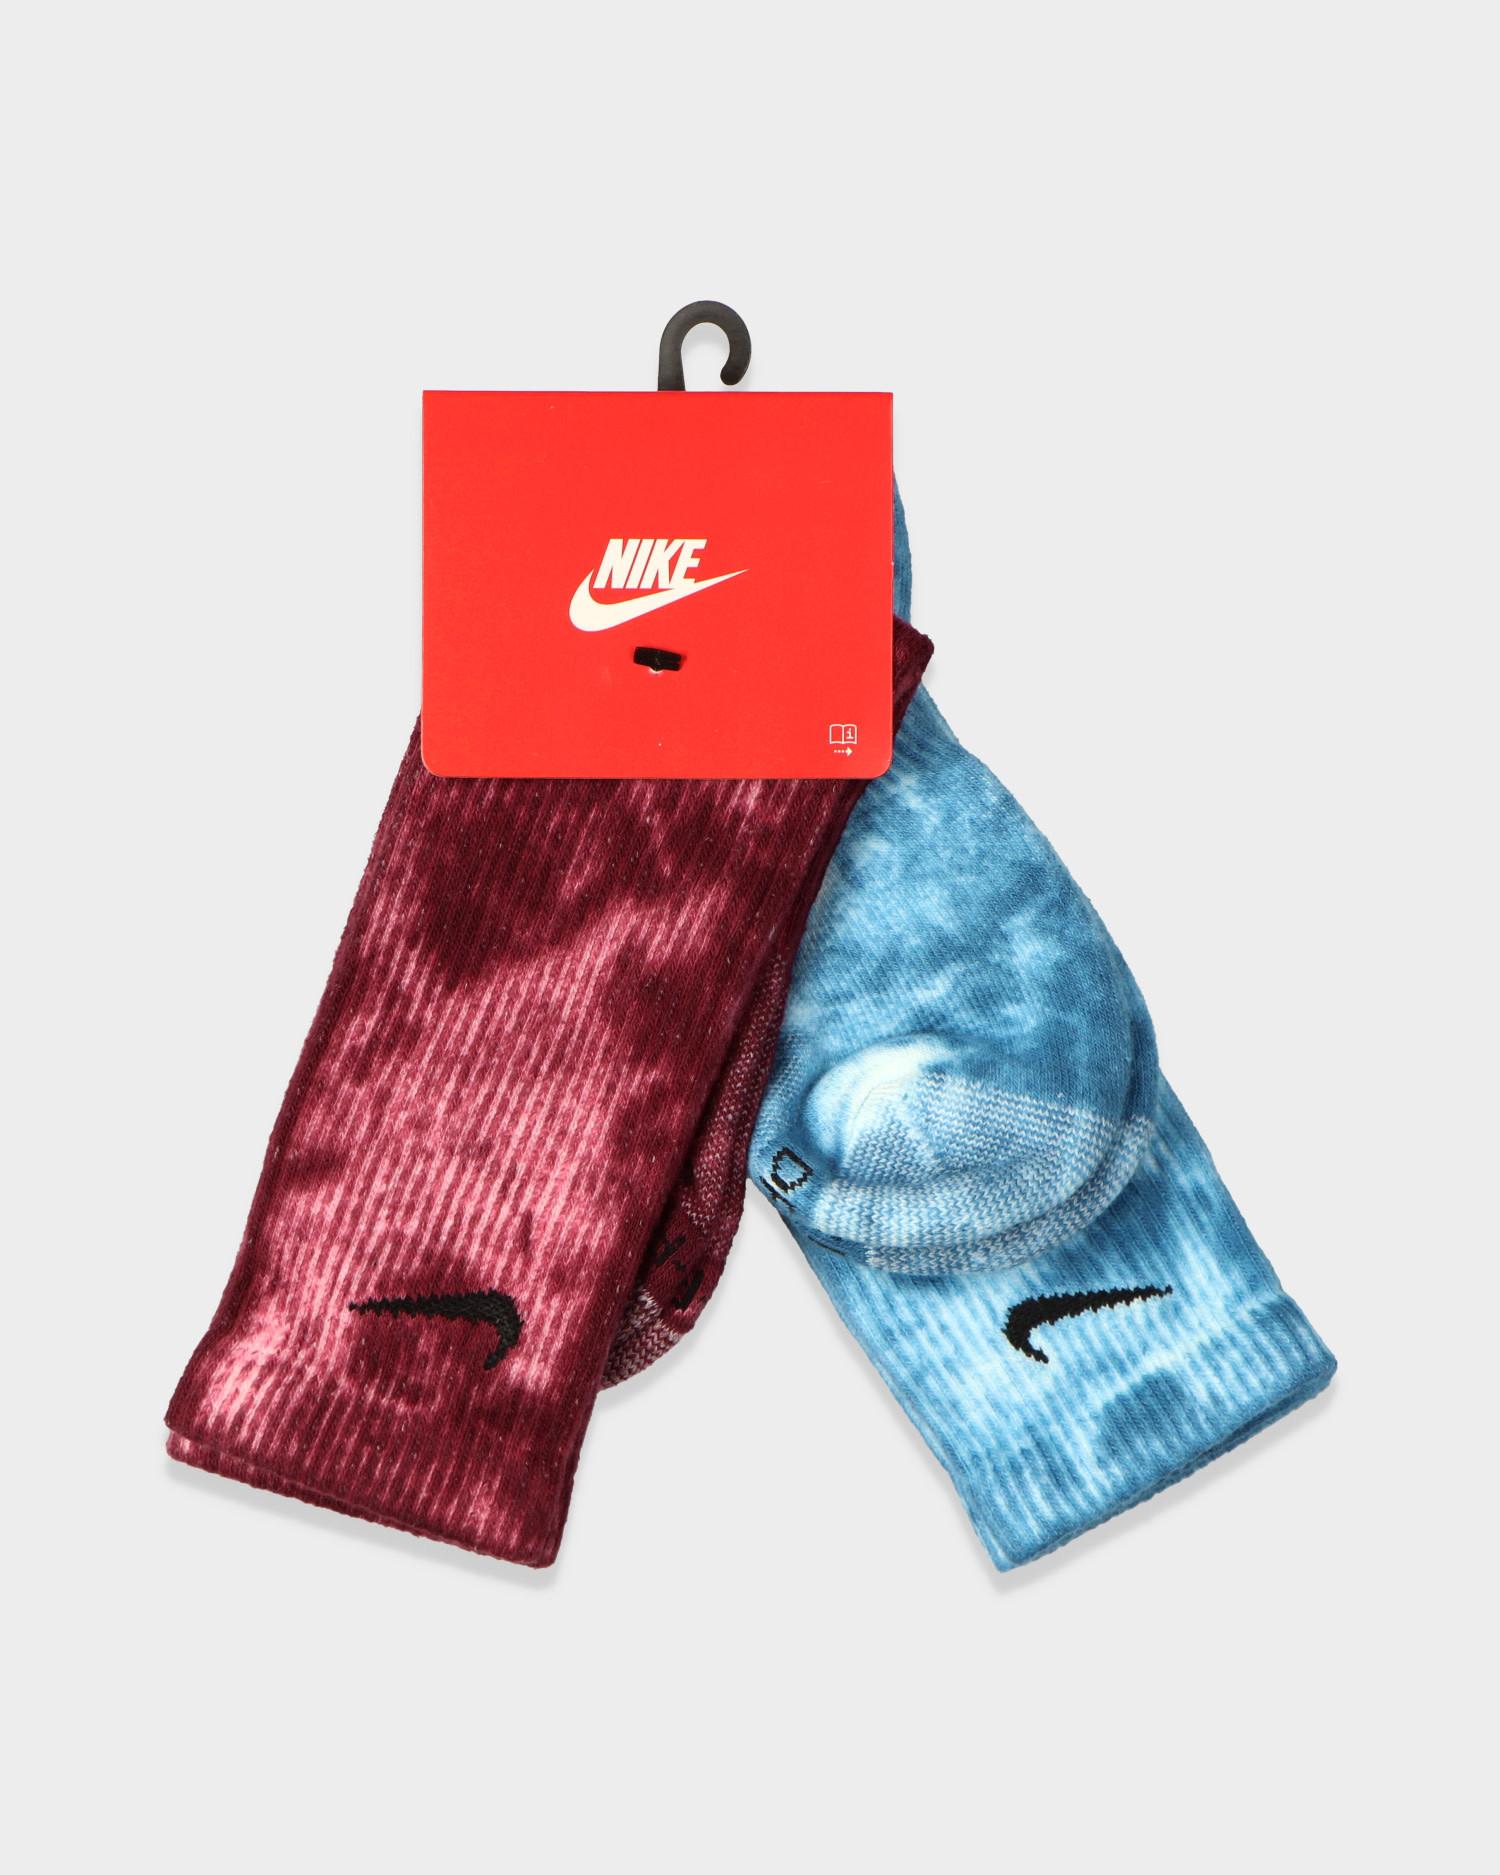 Nike Tie-Dye Everyday Plus Socks Blue/Burgundy